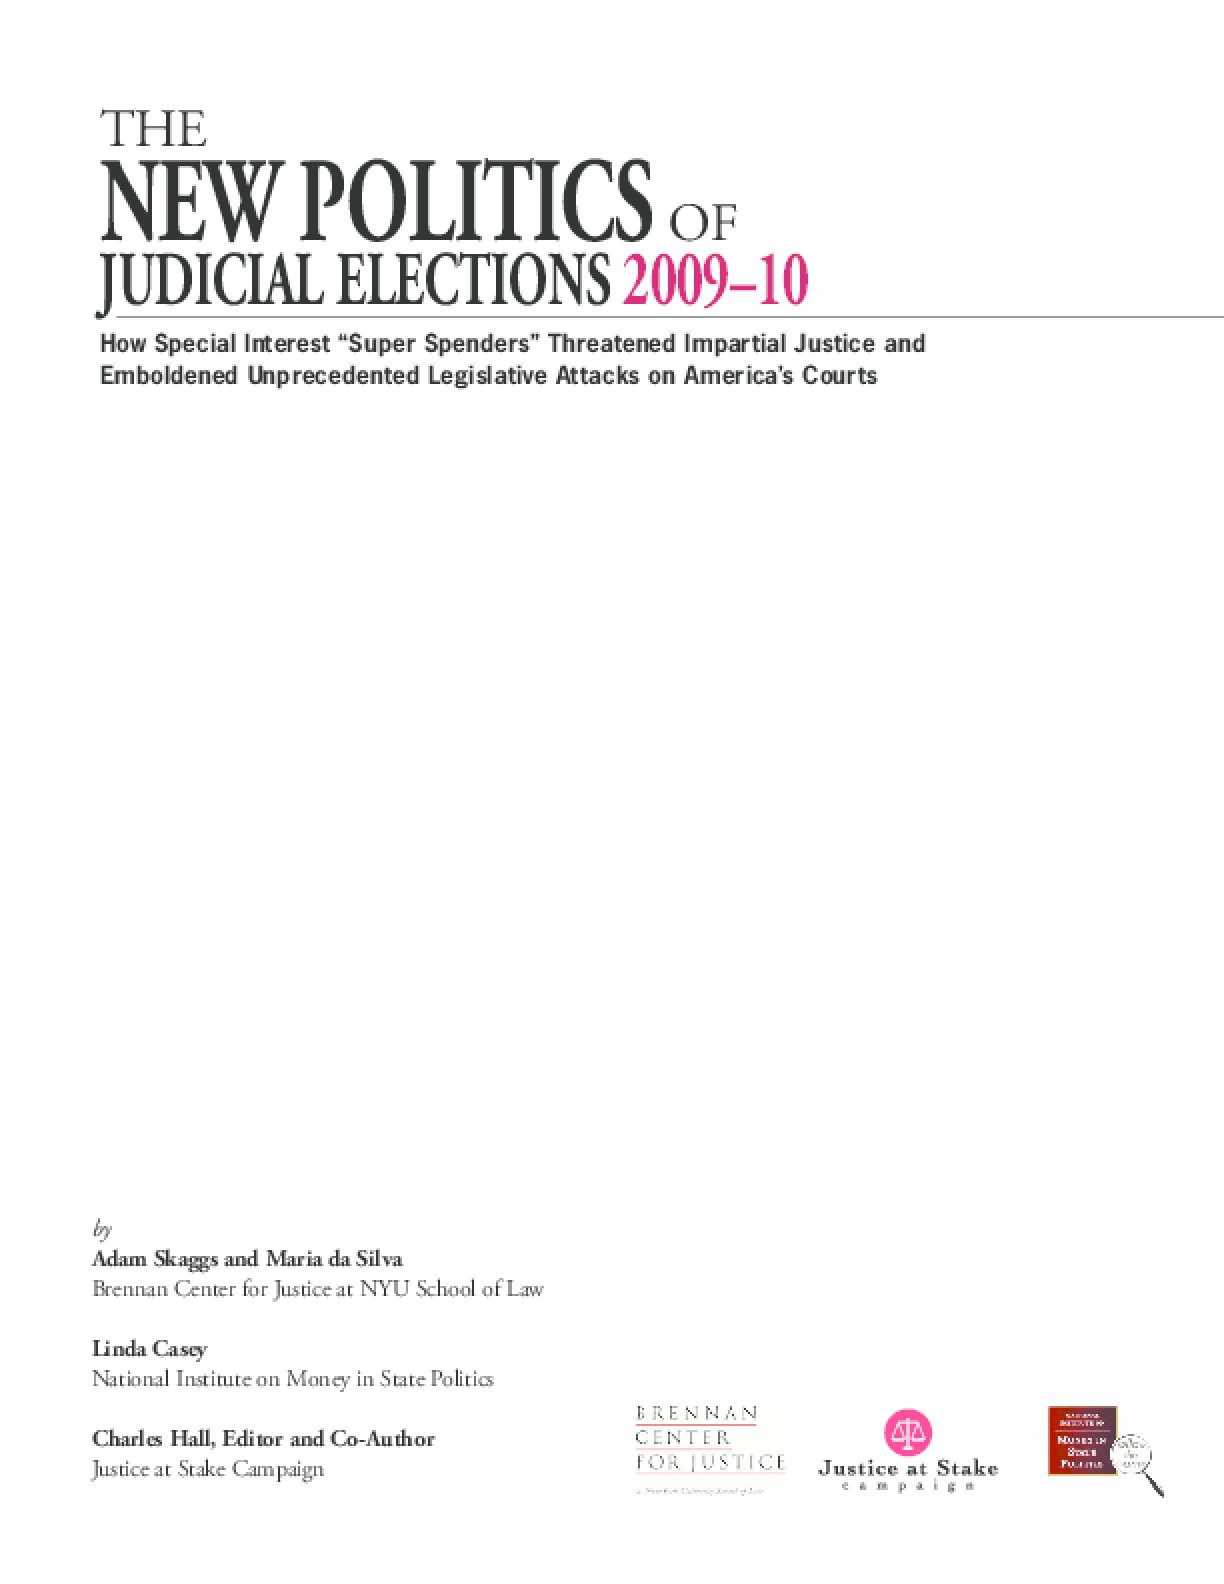 The New Politics of Judicial Elections 2009-10